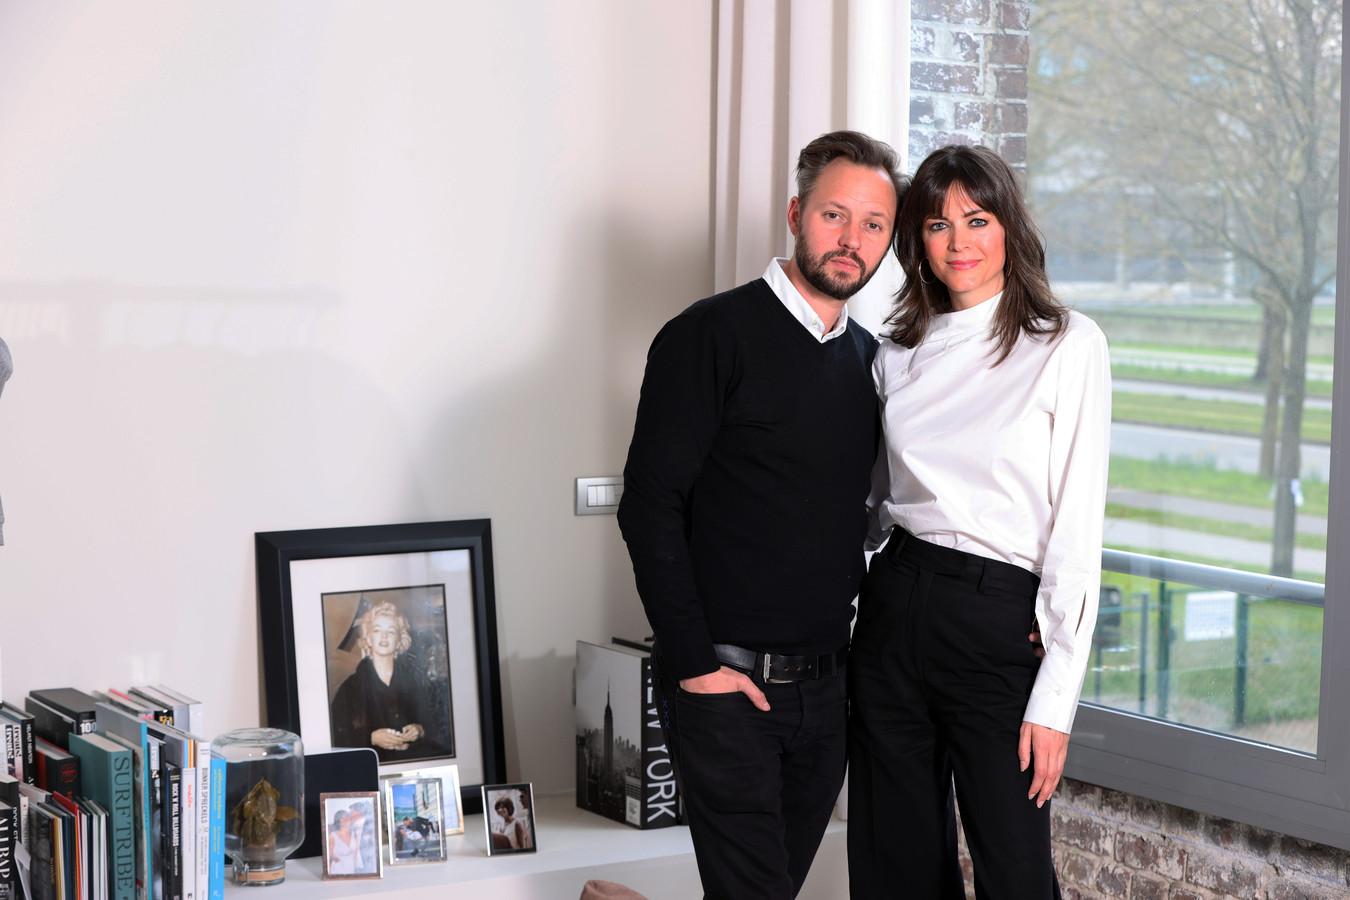 Bram en Astrid Coppens vertellen in Dag Allemaal over hun gezinsgeluk in België en de kinderkledinglijn Billy-Ray.